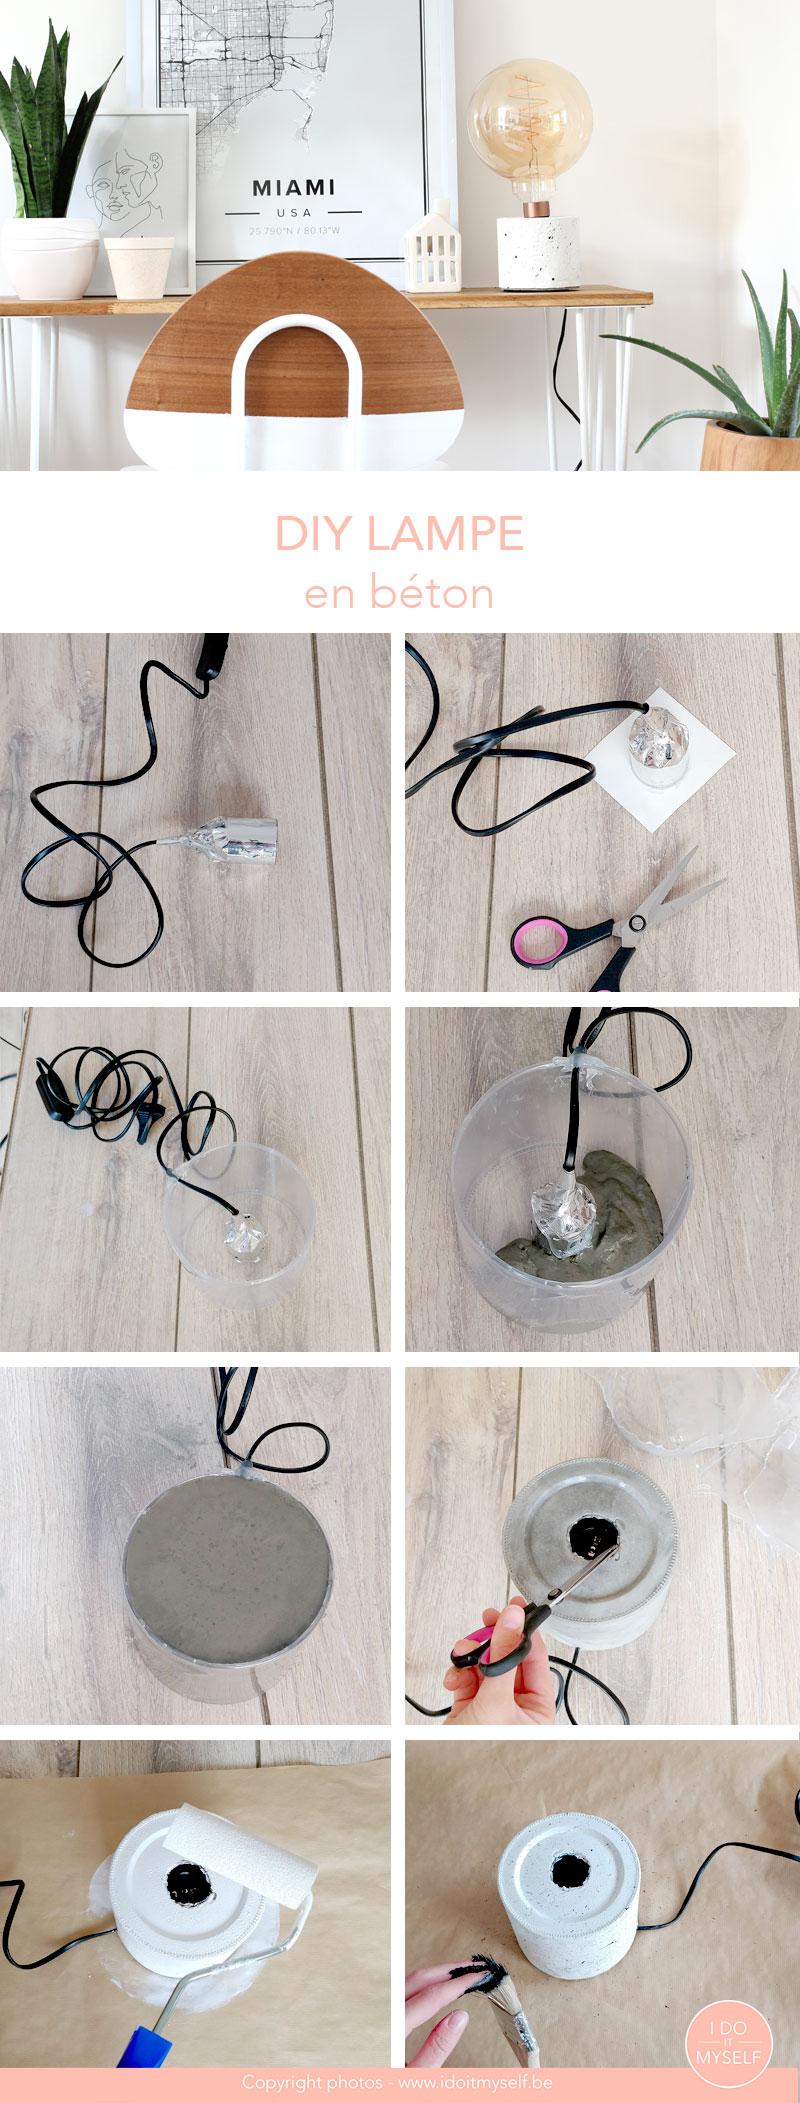 lamp tutoriel